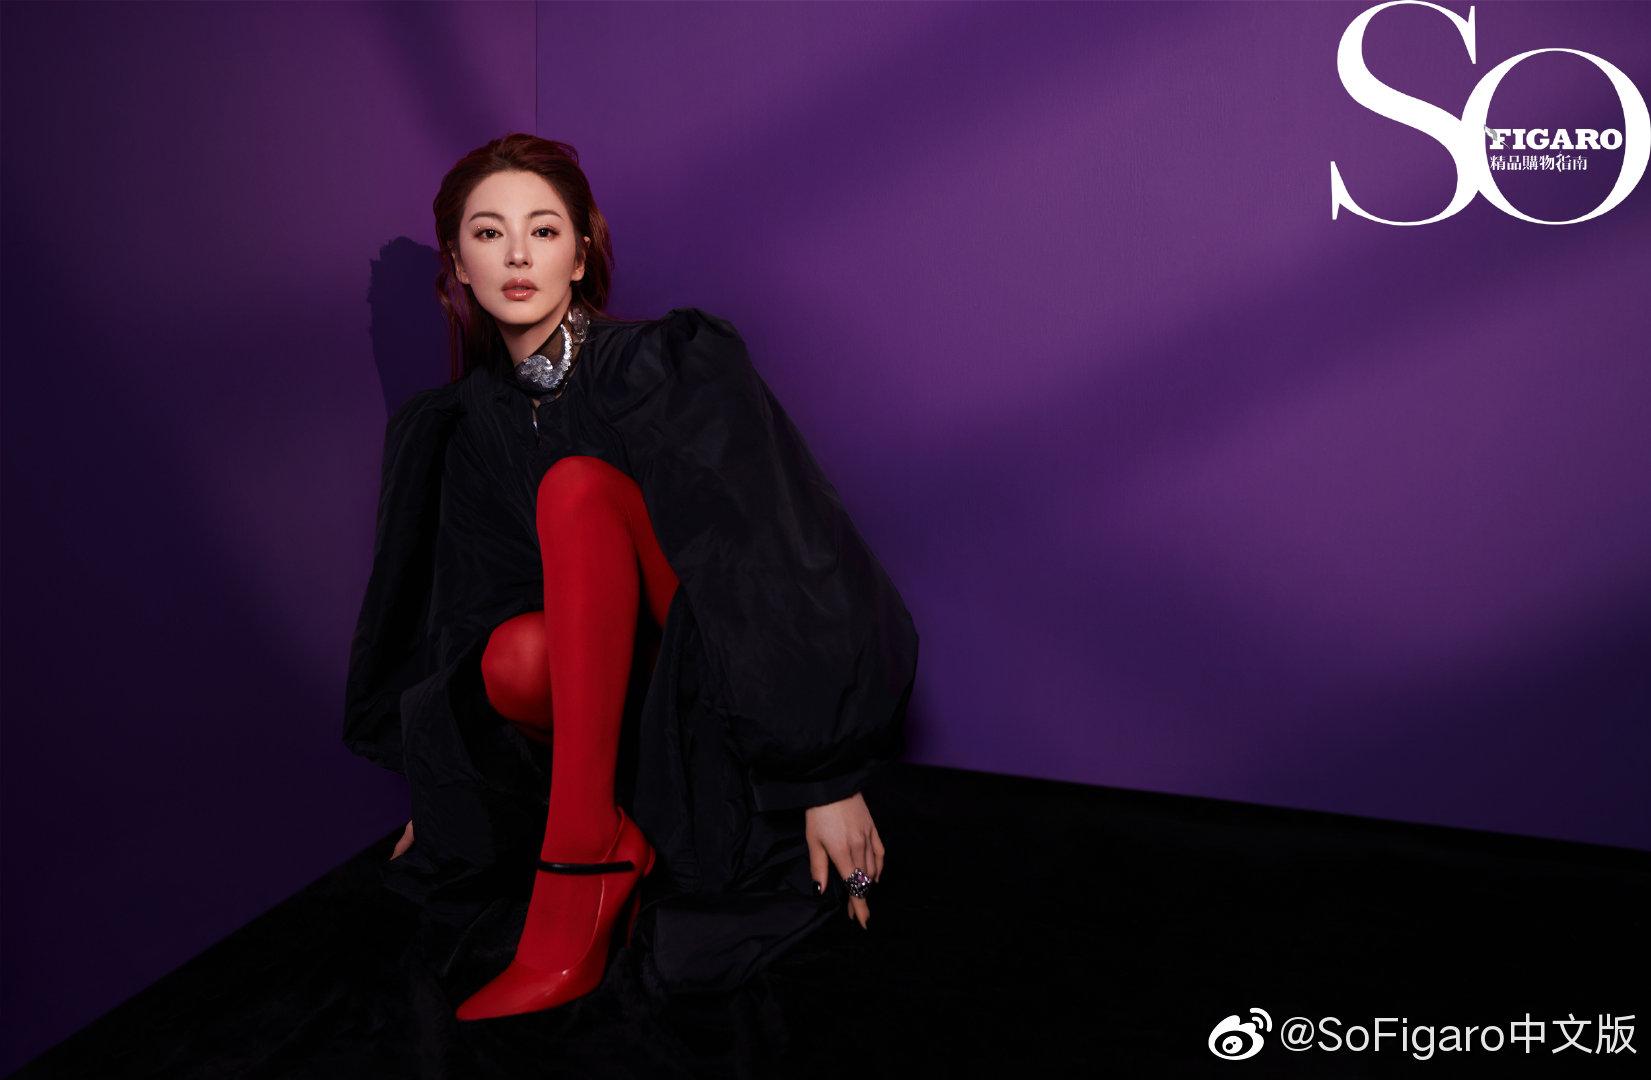 , Zhang Yuqi poses for photo shoot